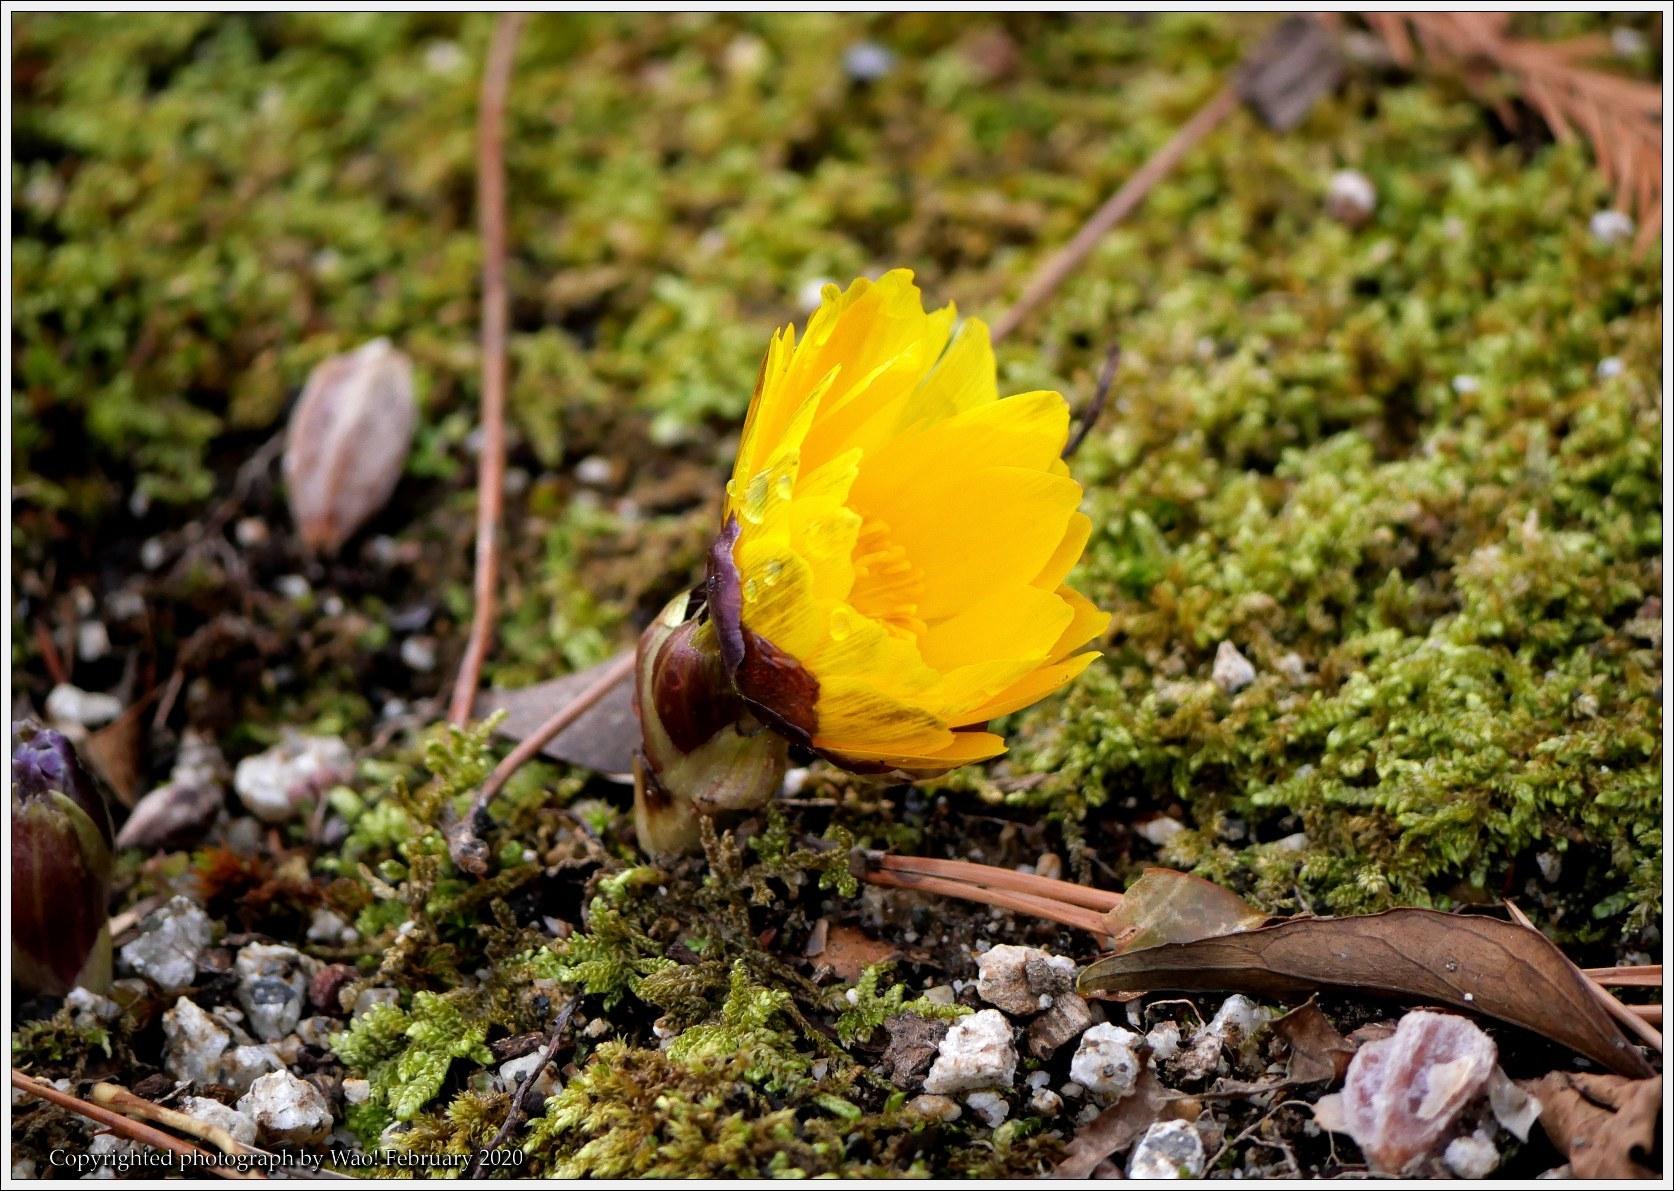 冬のバラと温室の花と蝶_c0198669_14073263.jpg